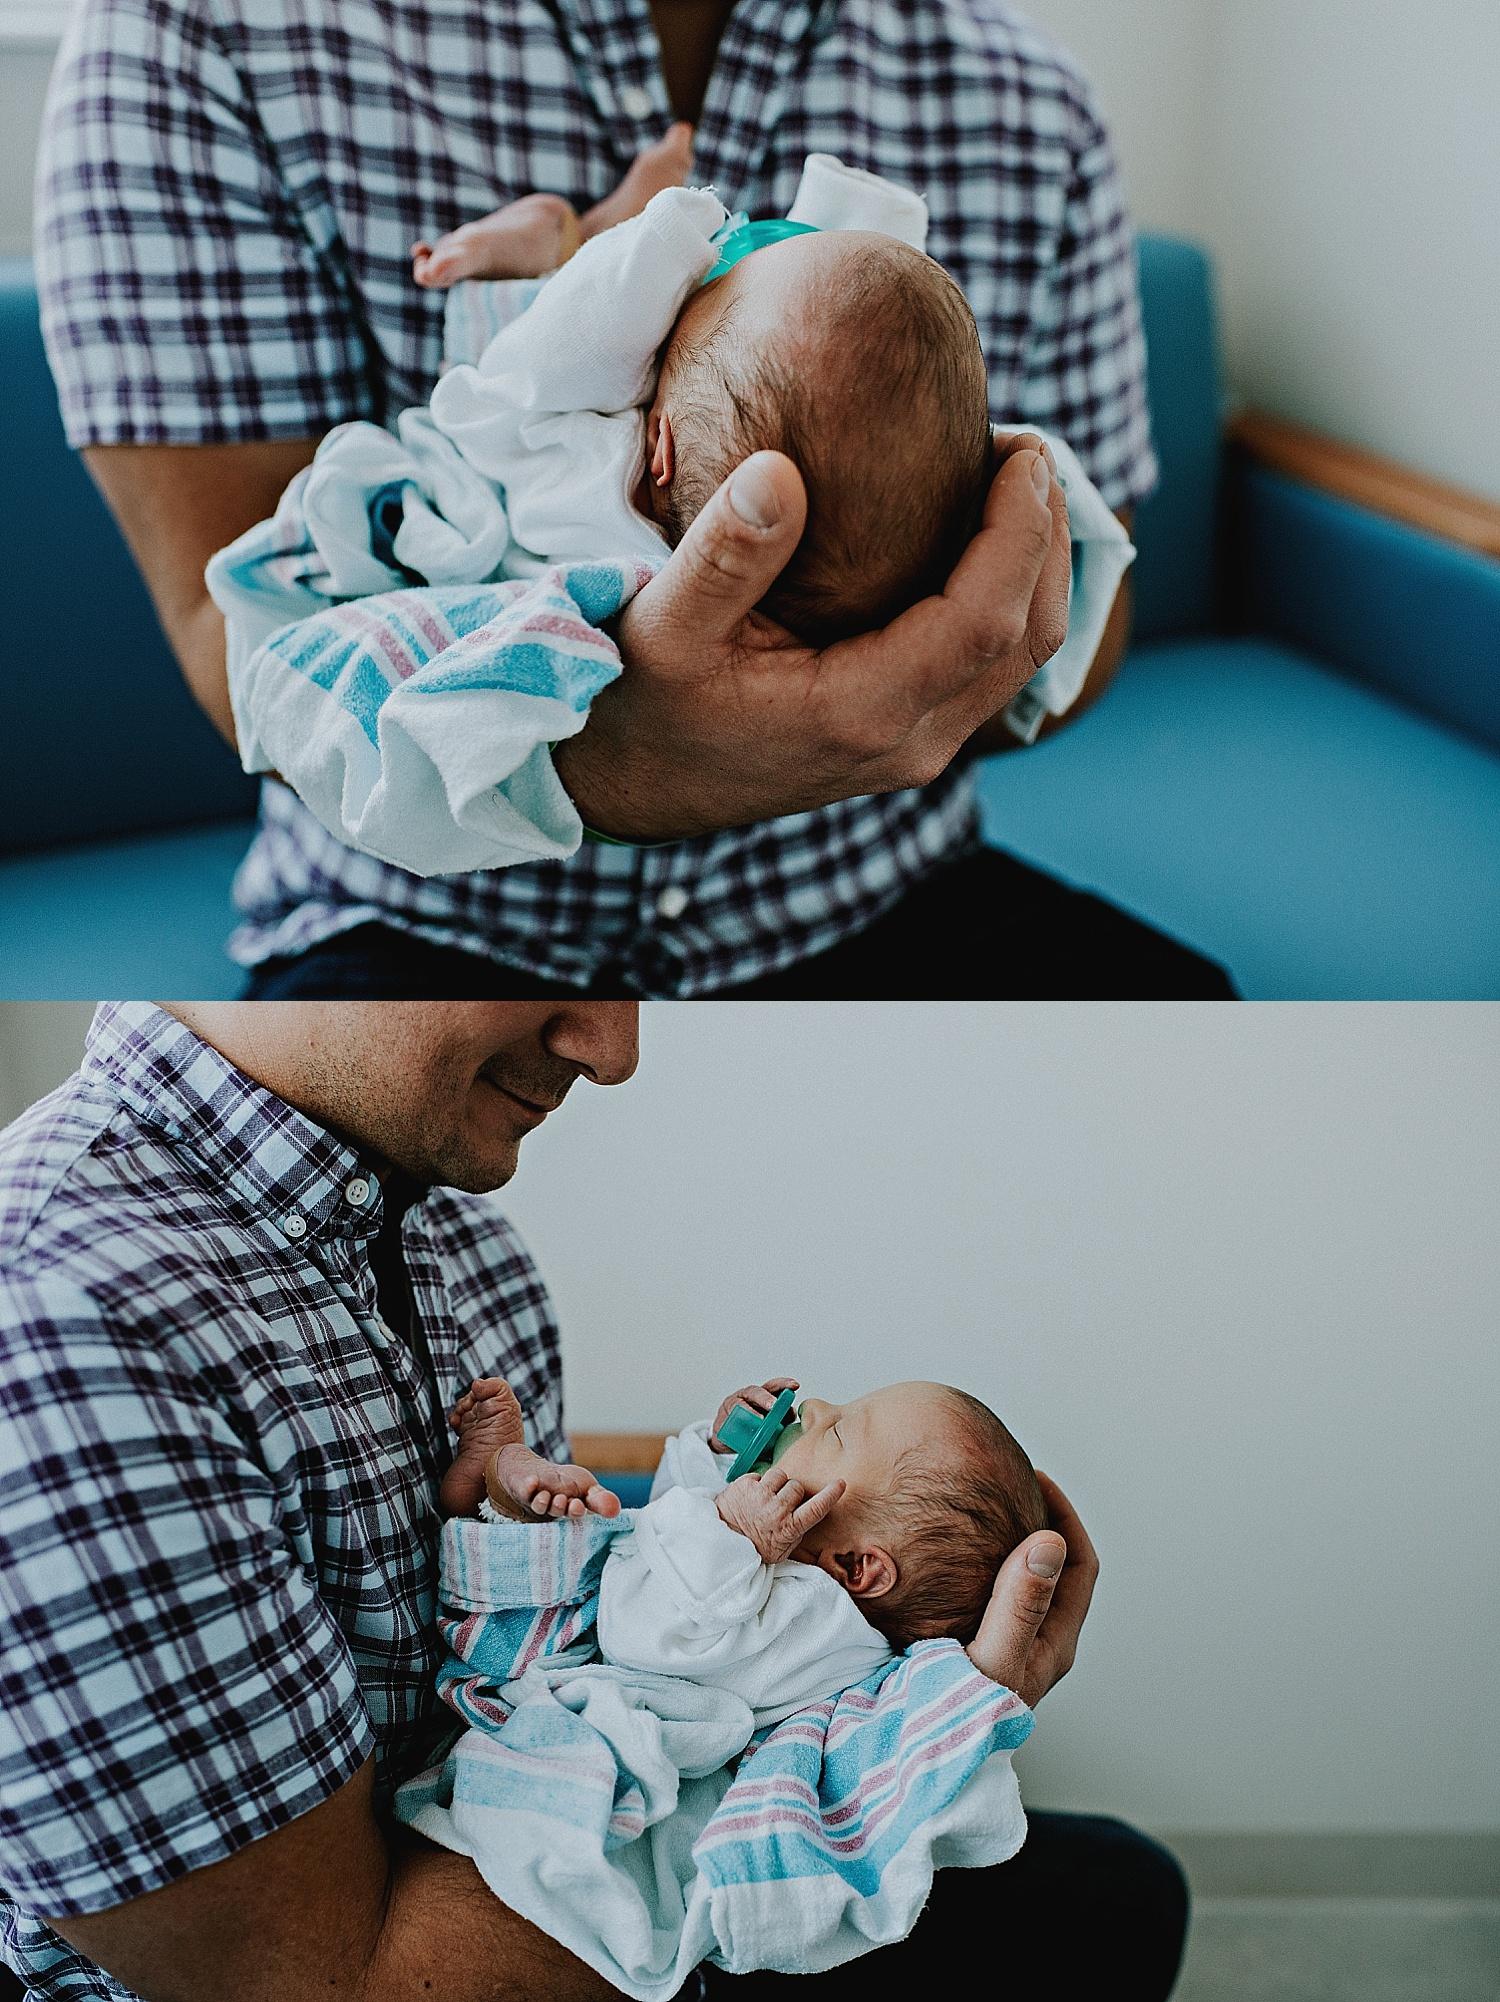 akron-ohio-cleveland-lauren-grayson-baby-photographer-newborn-fresh-48-birth-lauren-grayson